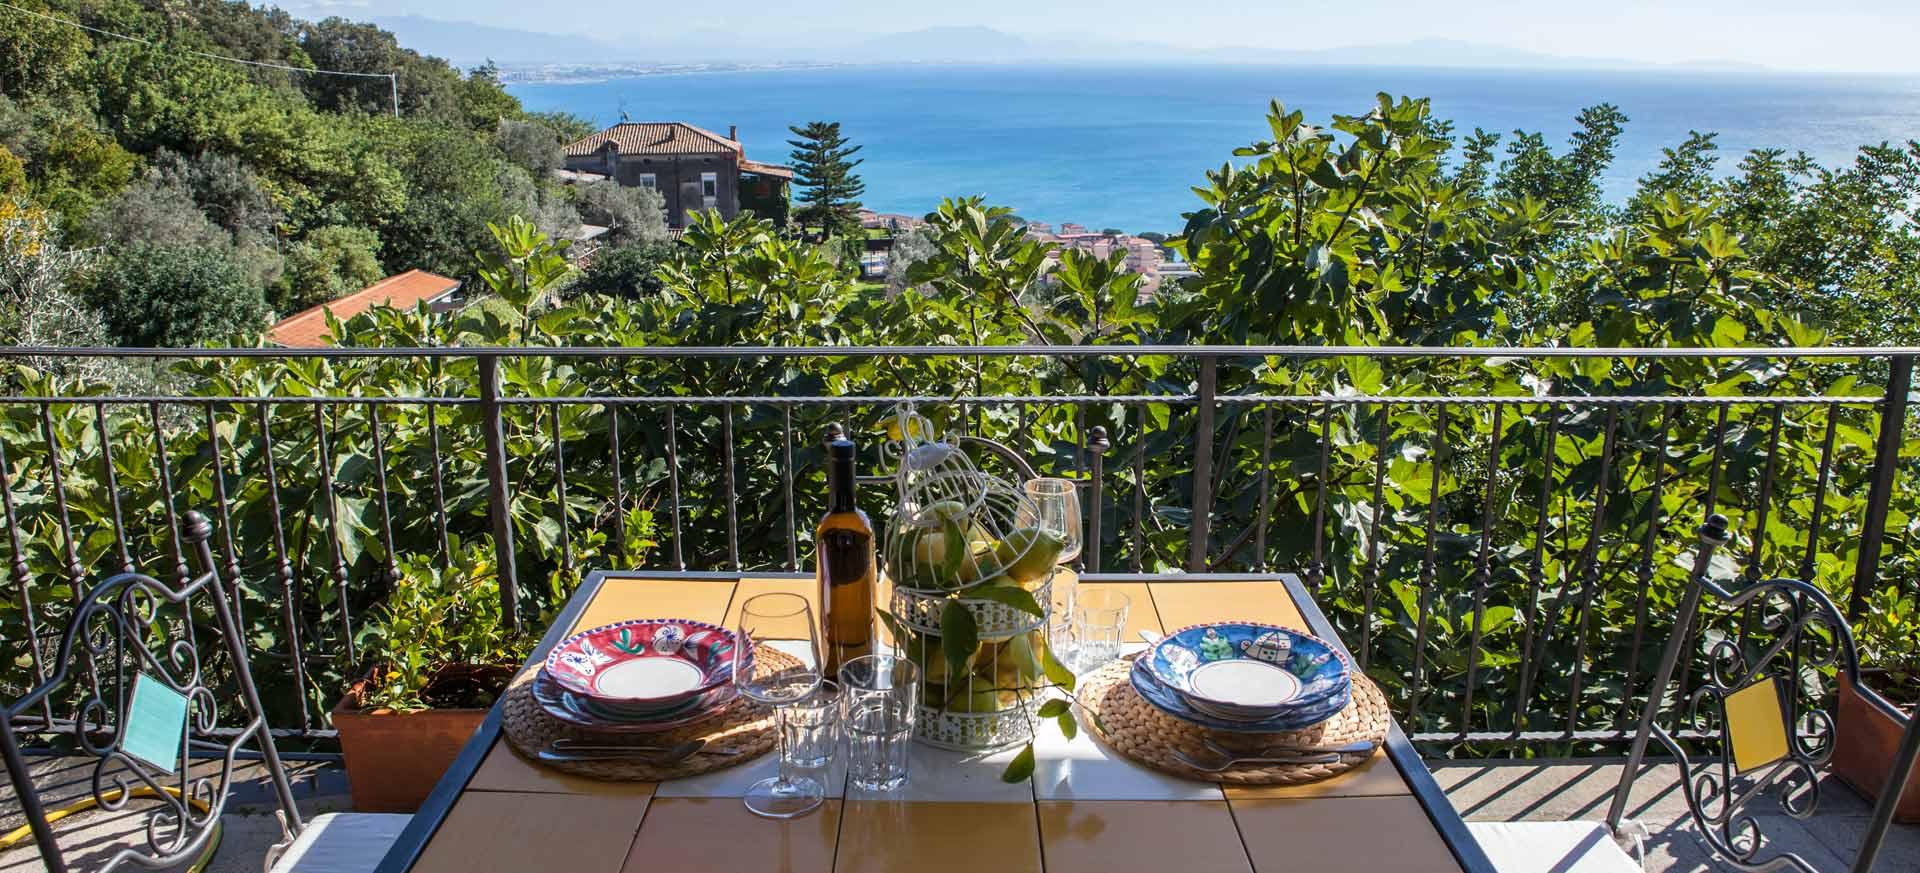 Location et villas de charme campanie hote italia - Demeure de charme dom architecture ...